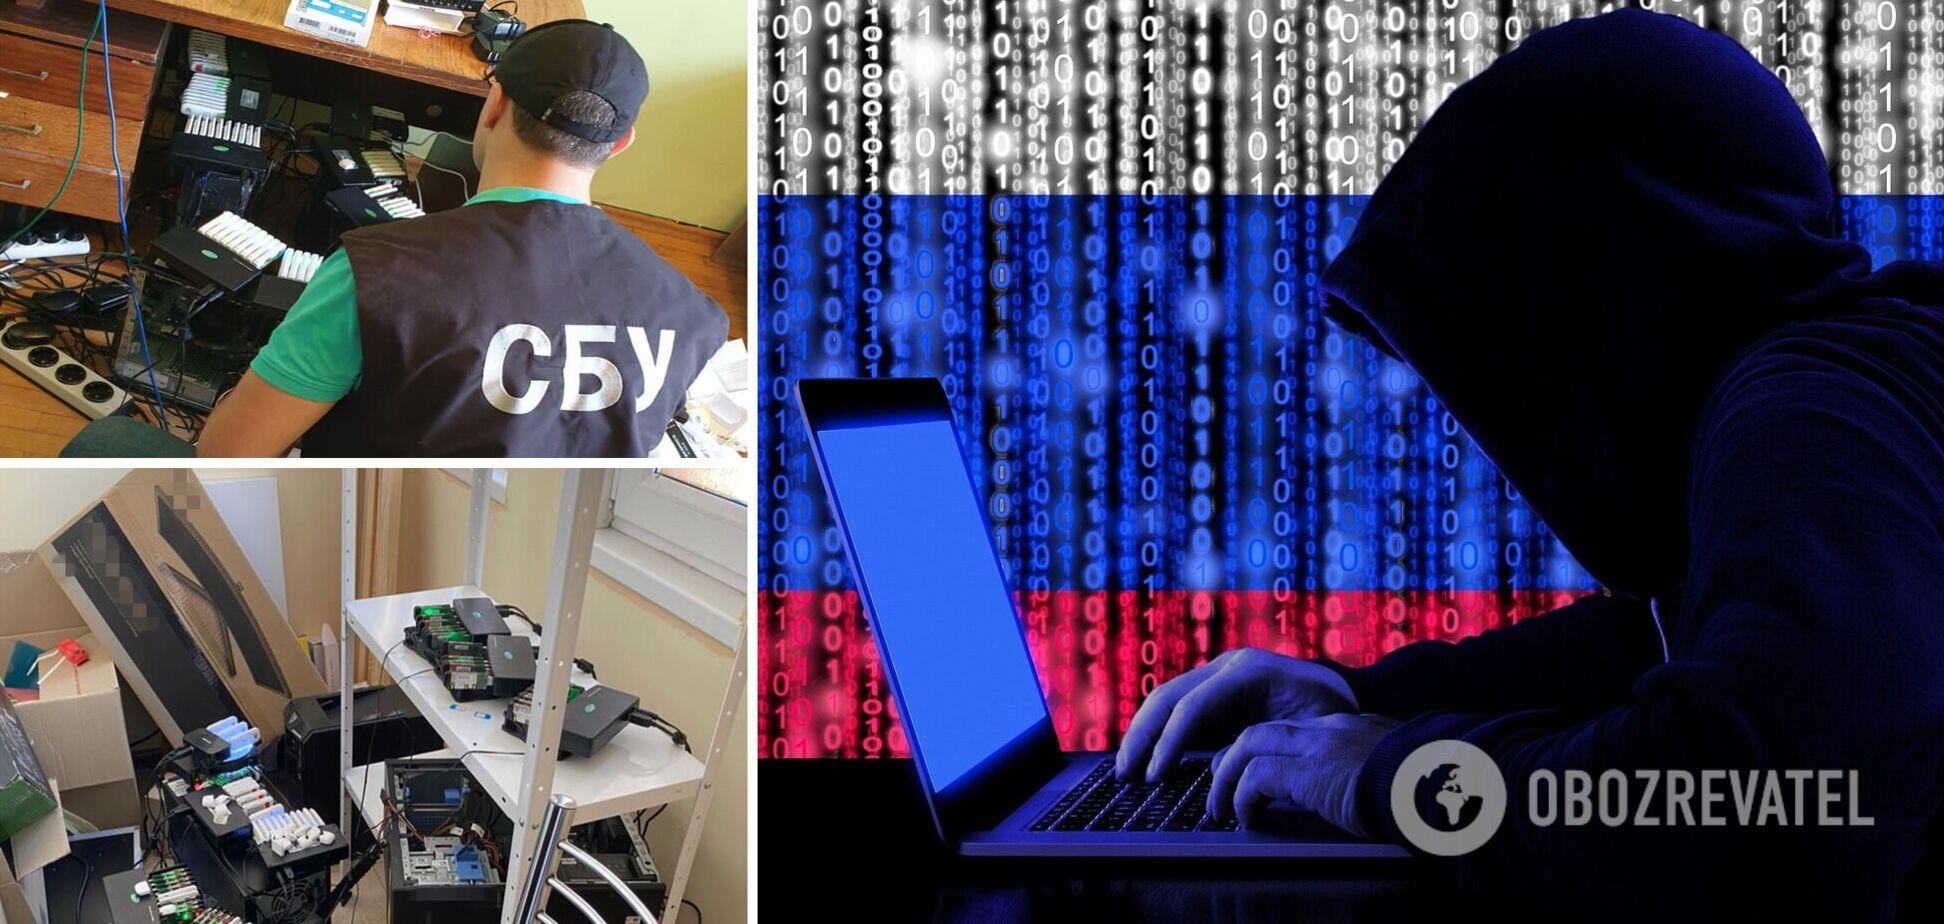 В Украине разоблачили ботоферму, которая работала на Россию. Фото